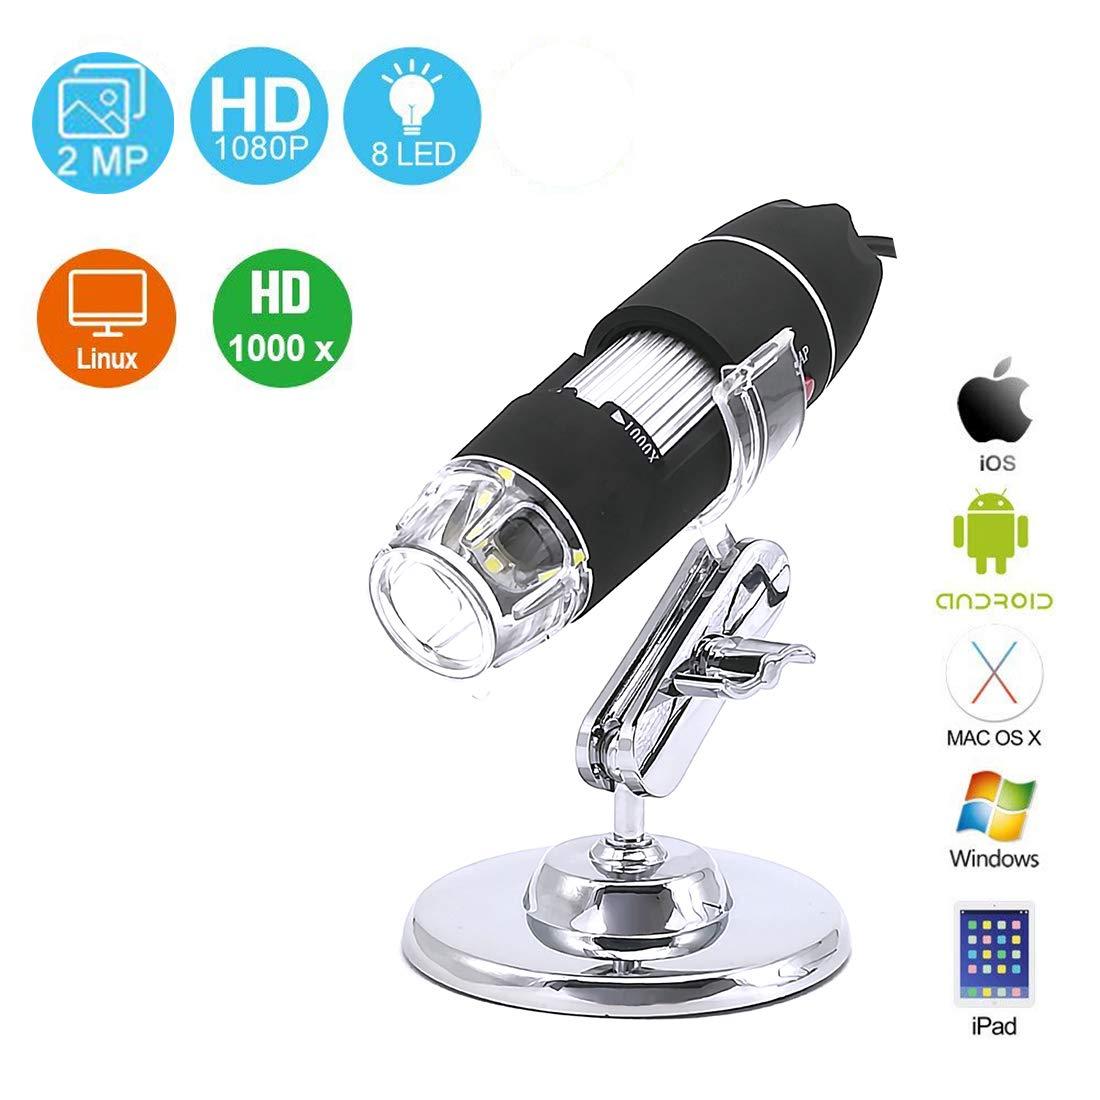 YOMYM Endoscopio ingrandimento 1000x, mini microscopi USB con supporto metallico e adattatore OTG, microscopio digitale USB 2.0/1.1 da 2 MP a 8 LED, compatibile con Mac Window 7 8 10 Android Linux